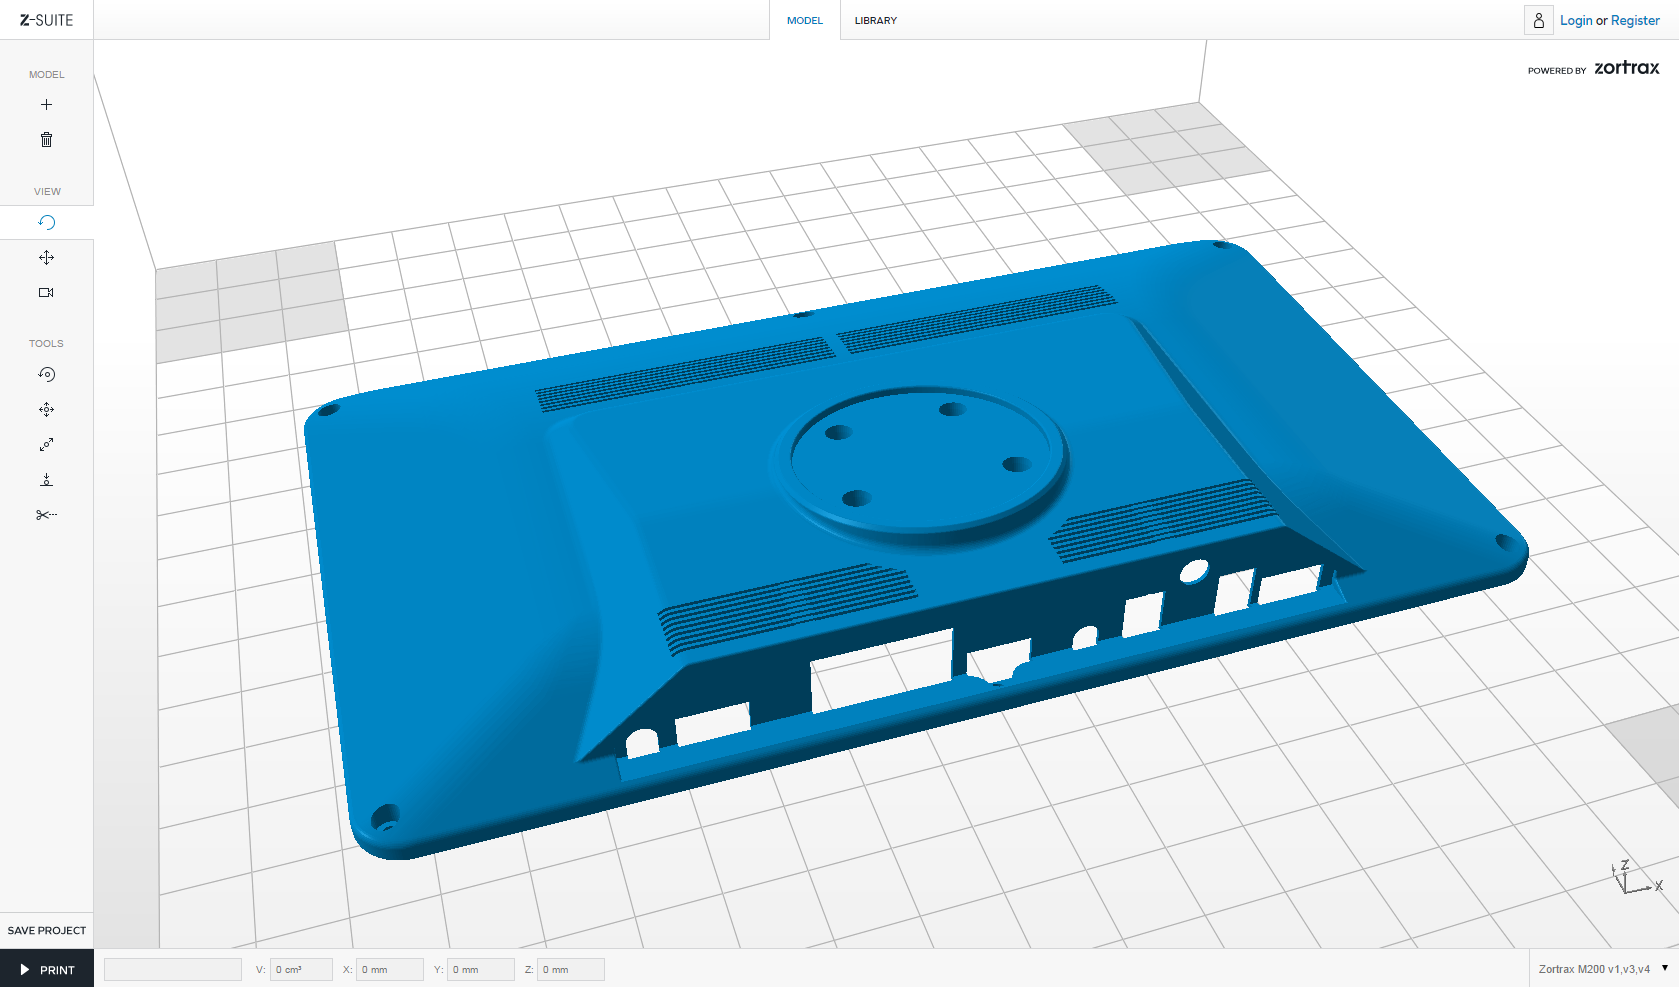 Orientácia modelu počas trojrozmernej tlače na 3D tlačiarni.